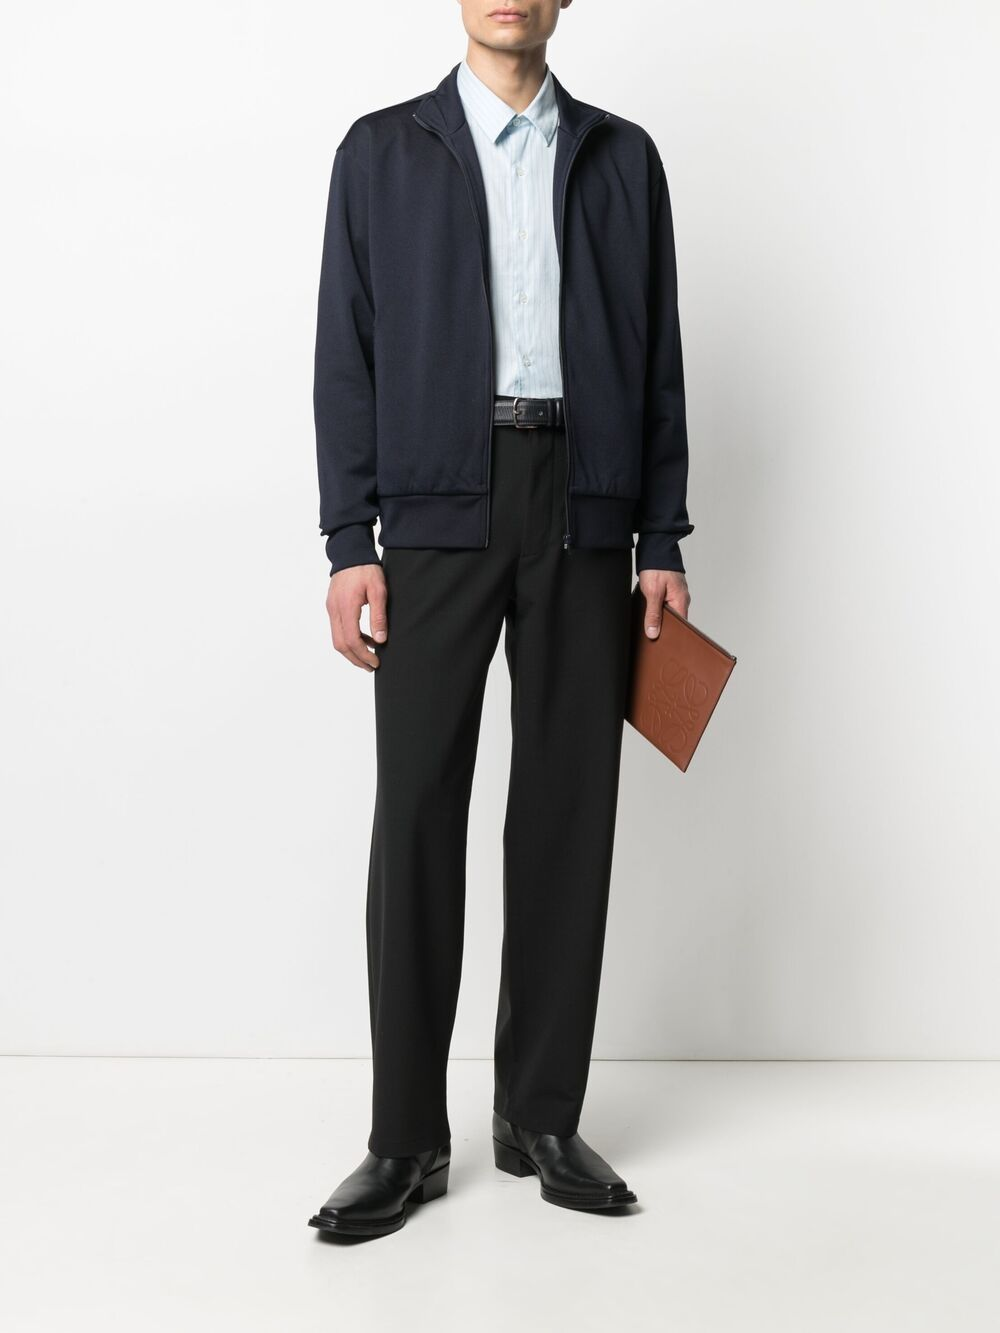 Sunflower giacca a collo alto uomo SUNFLOWER | Giacche | 2015200